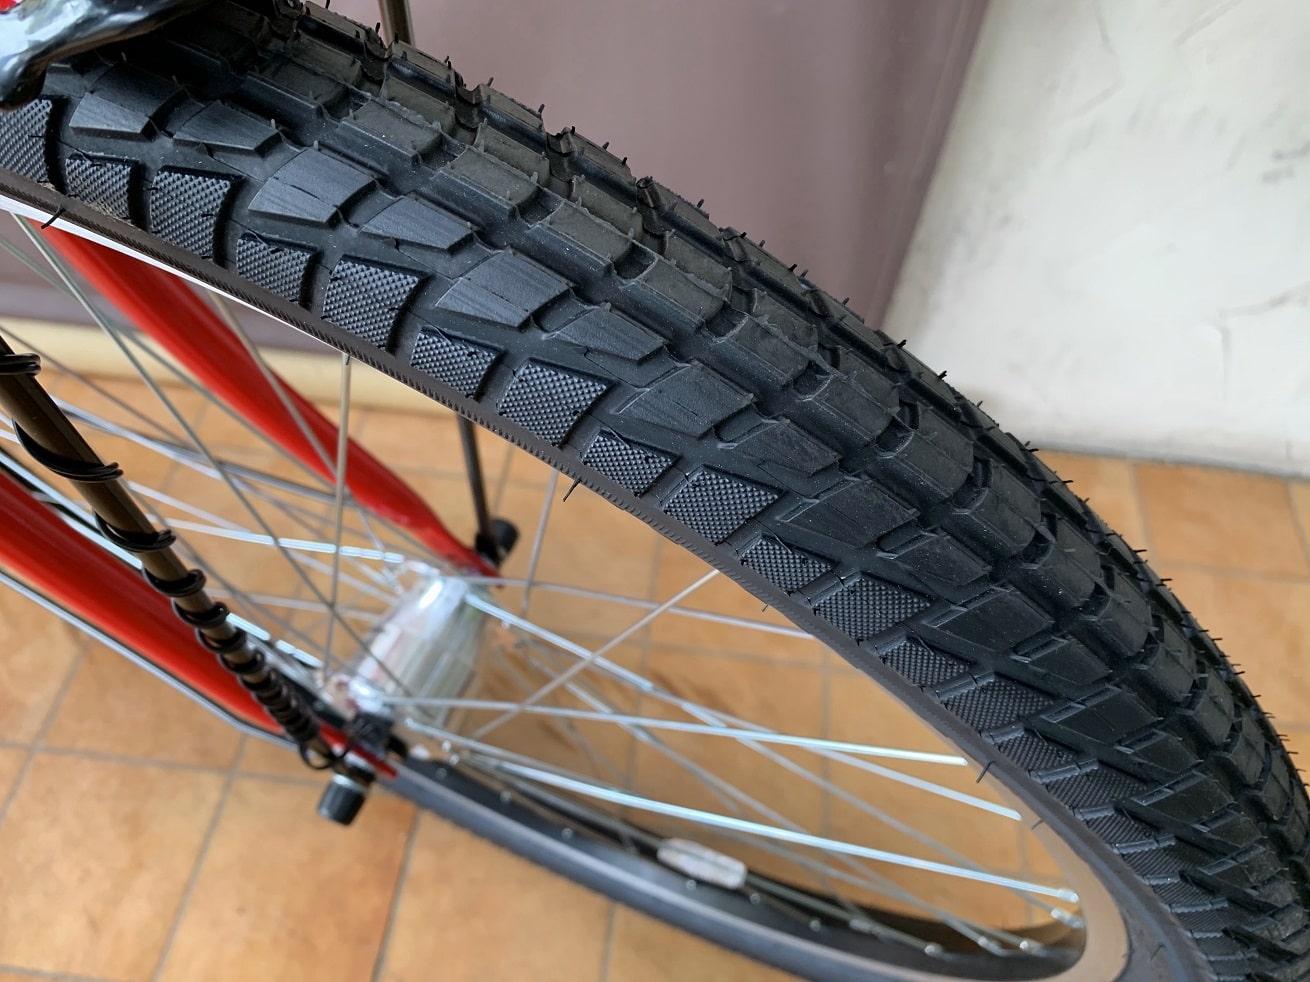 マルキン自転車「カンペール」27.5インチタイヤ